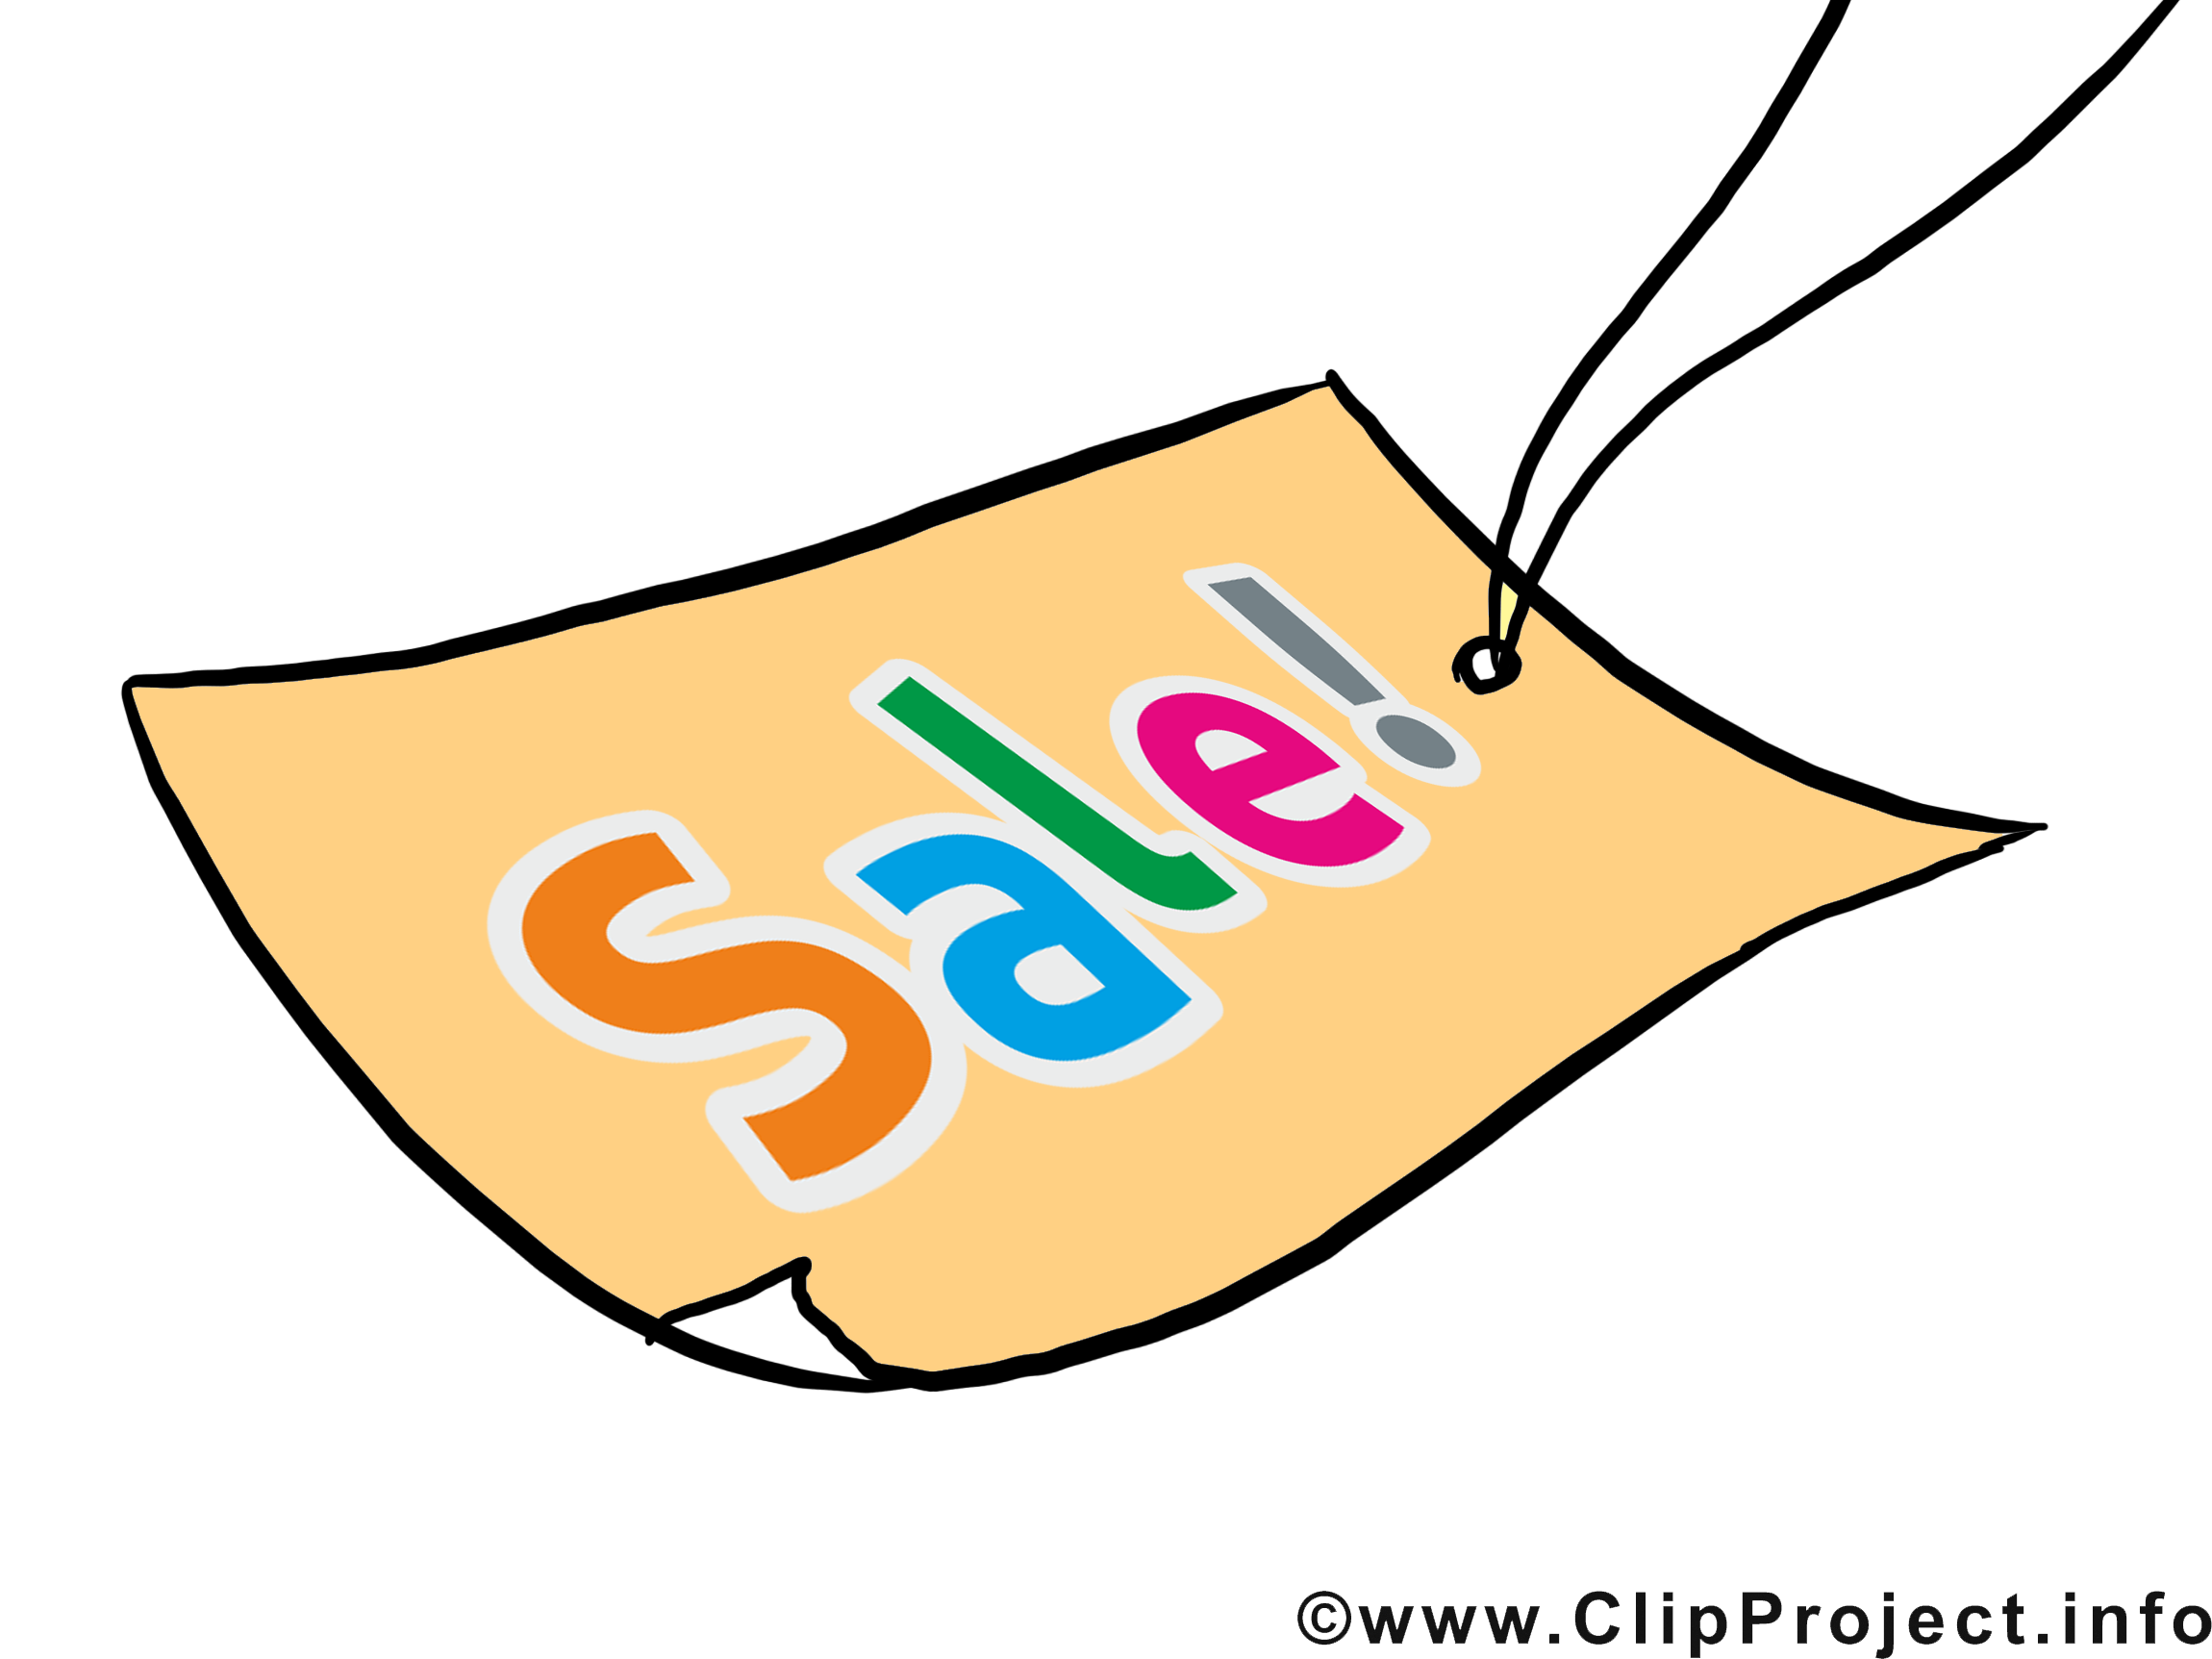 Étiquette solde clipart – Entreprise dessins gratuits